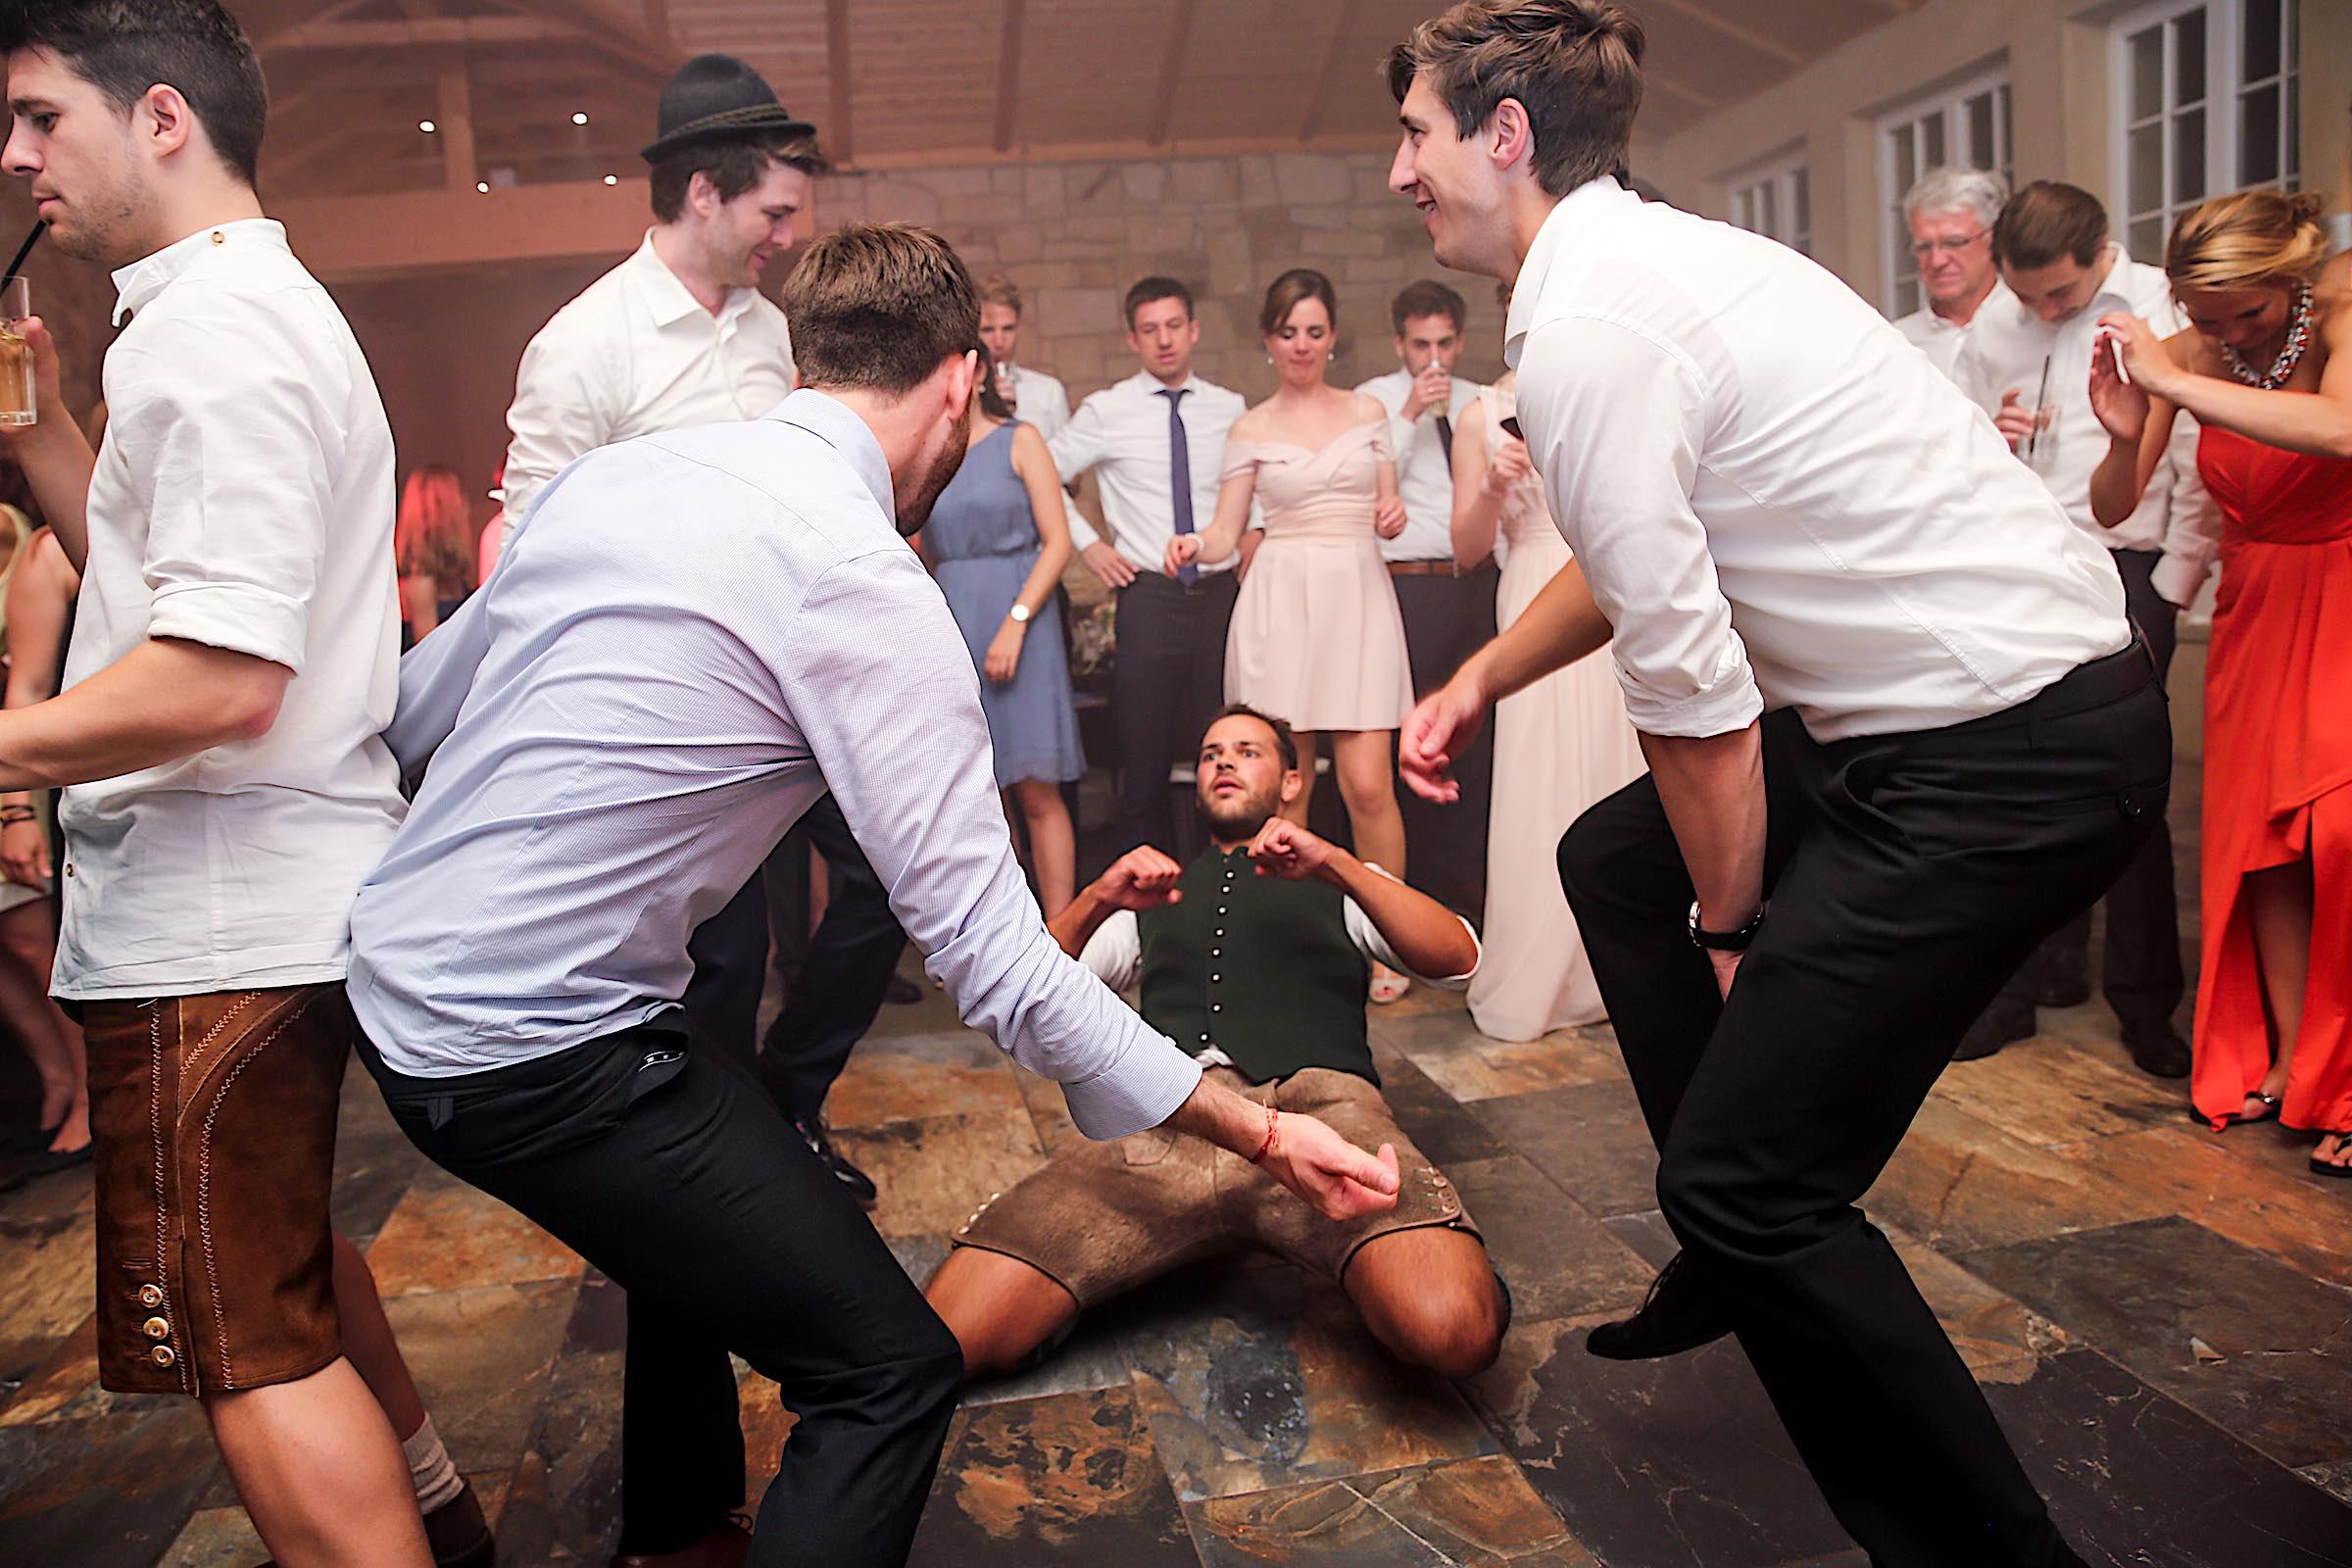 Schloss | Hammerstein | Apelern | Hochzeit | Geburtstag | Firmenfeier | Referenz | Location | DJ | Hannover | Fotografie | Party | Tanzfläche | Hochzeitsplanung | Hochzeitsplaner | Lehmann | Eventservice